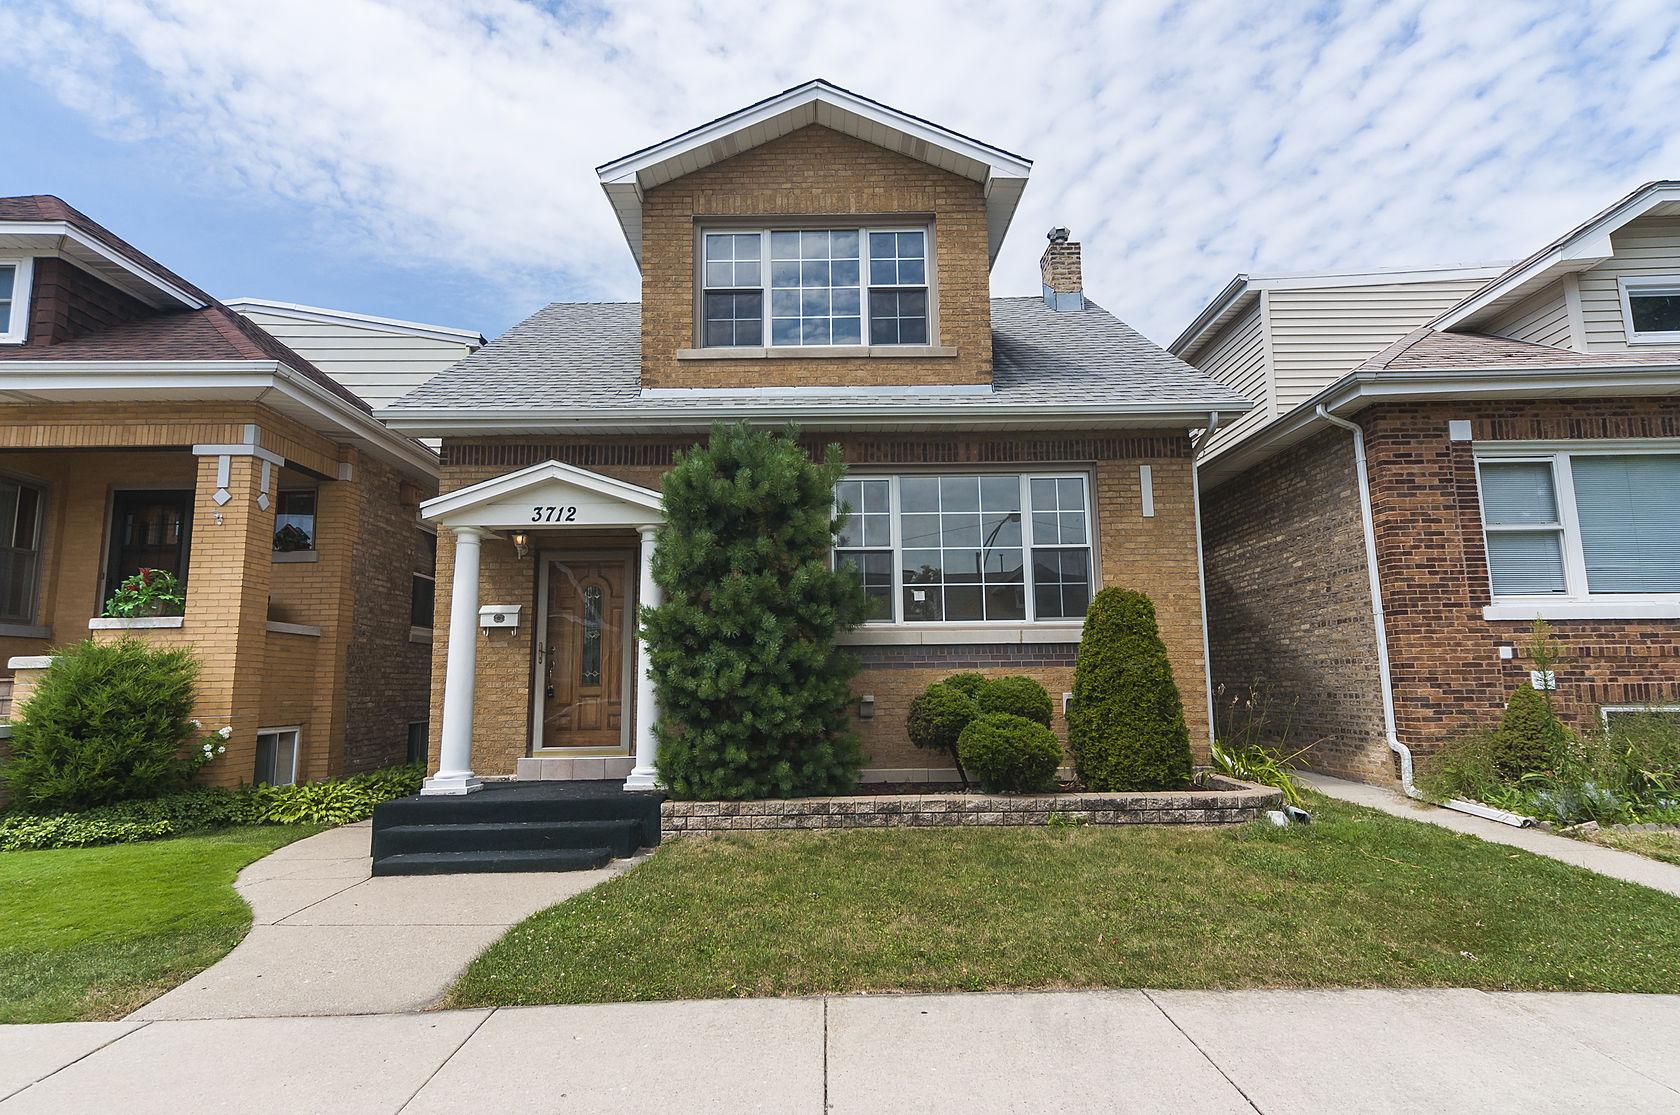 Частный односемейный дом для того Продажа на Simply Beautiful Updated Brick Bungalow With Open Floor Plan 3712 N New England Avenue Dunning, Chicago, Иллинойс 60634 Соединенные Штаты